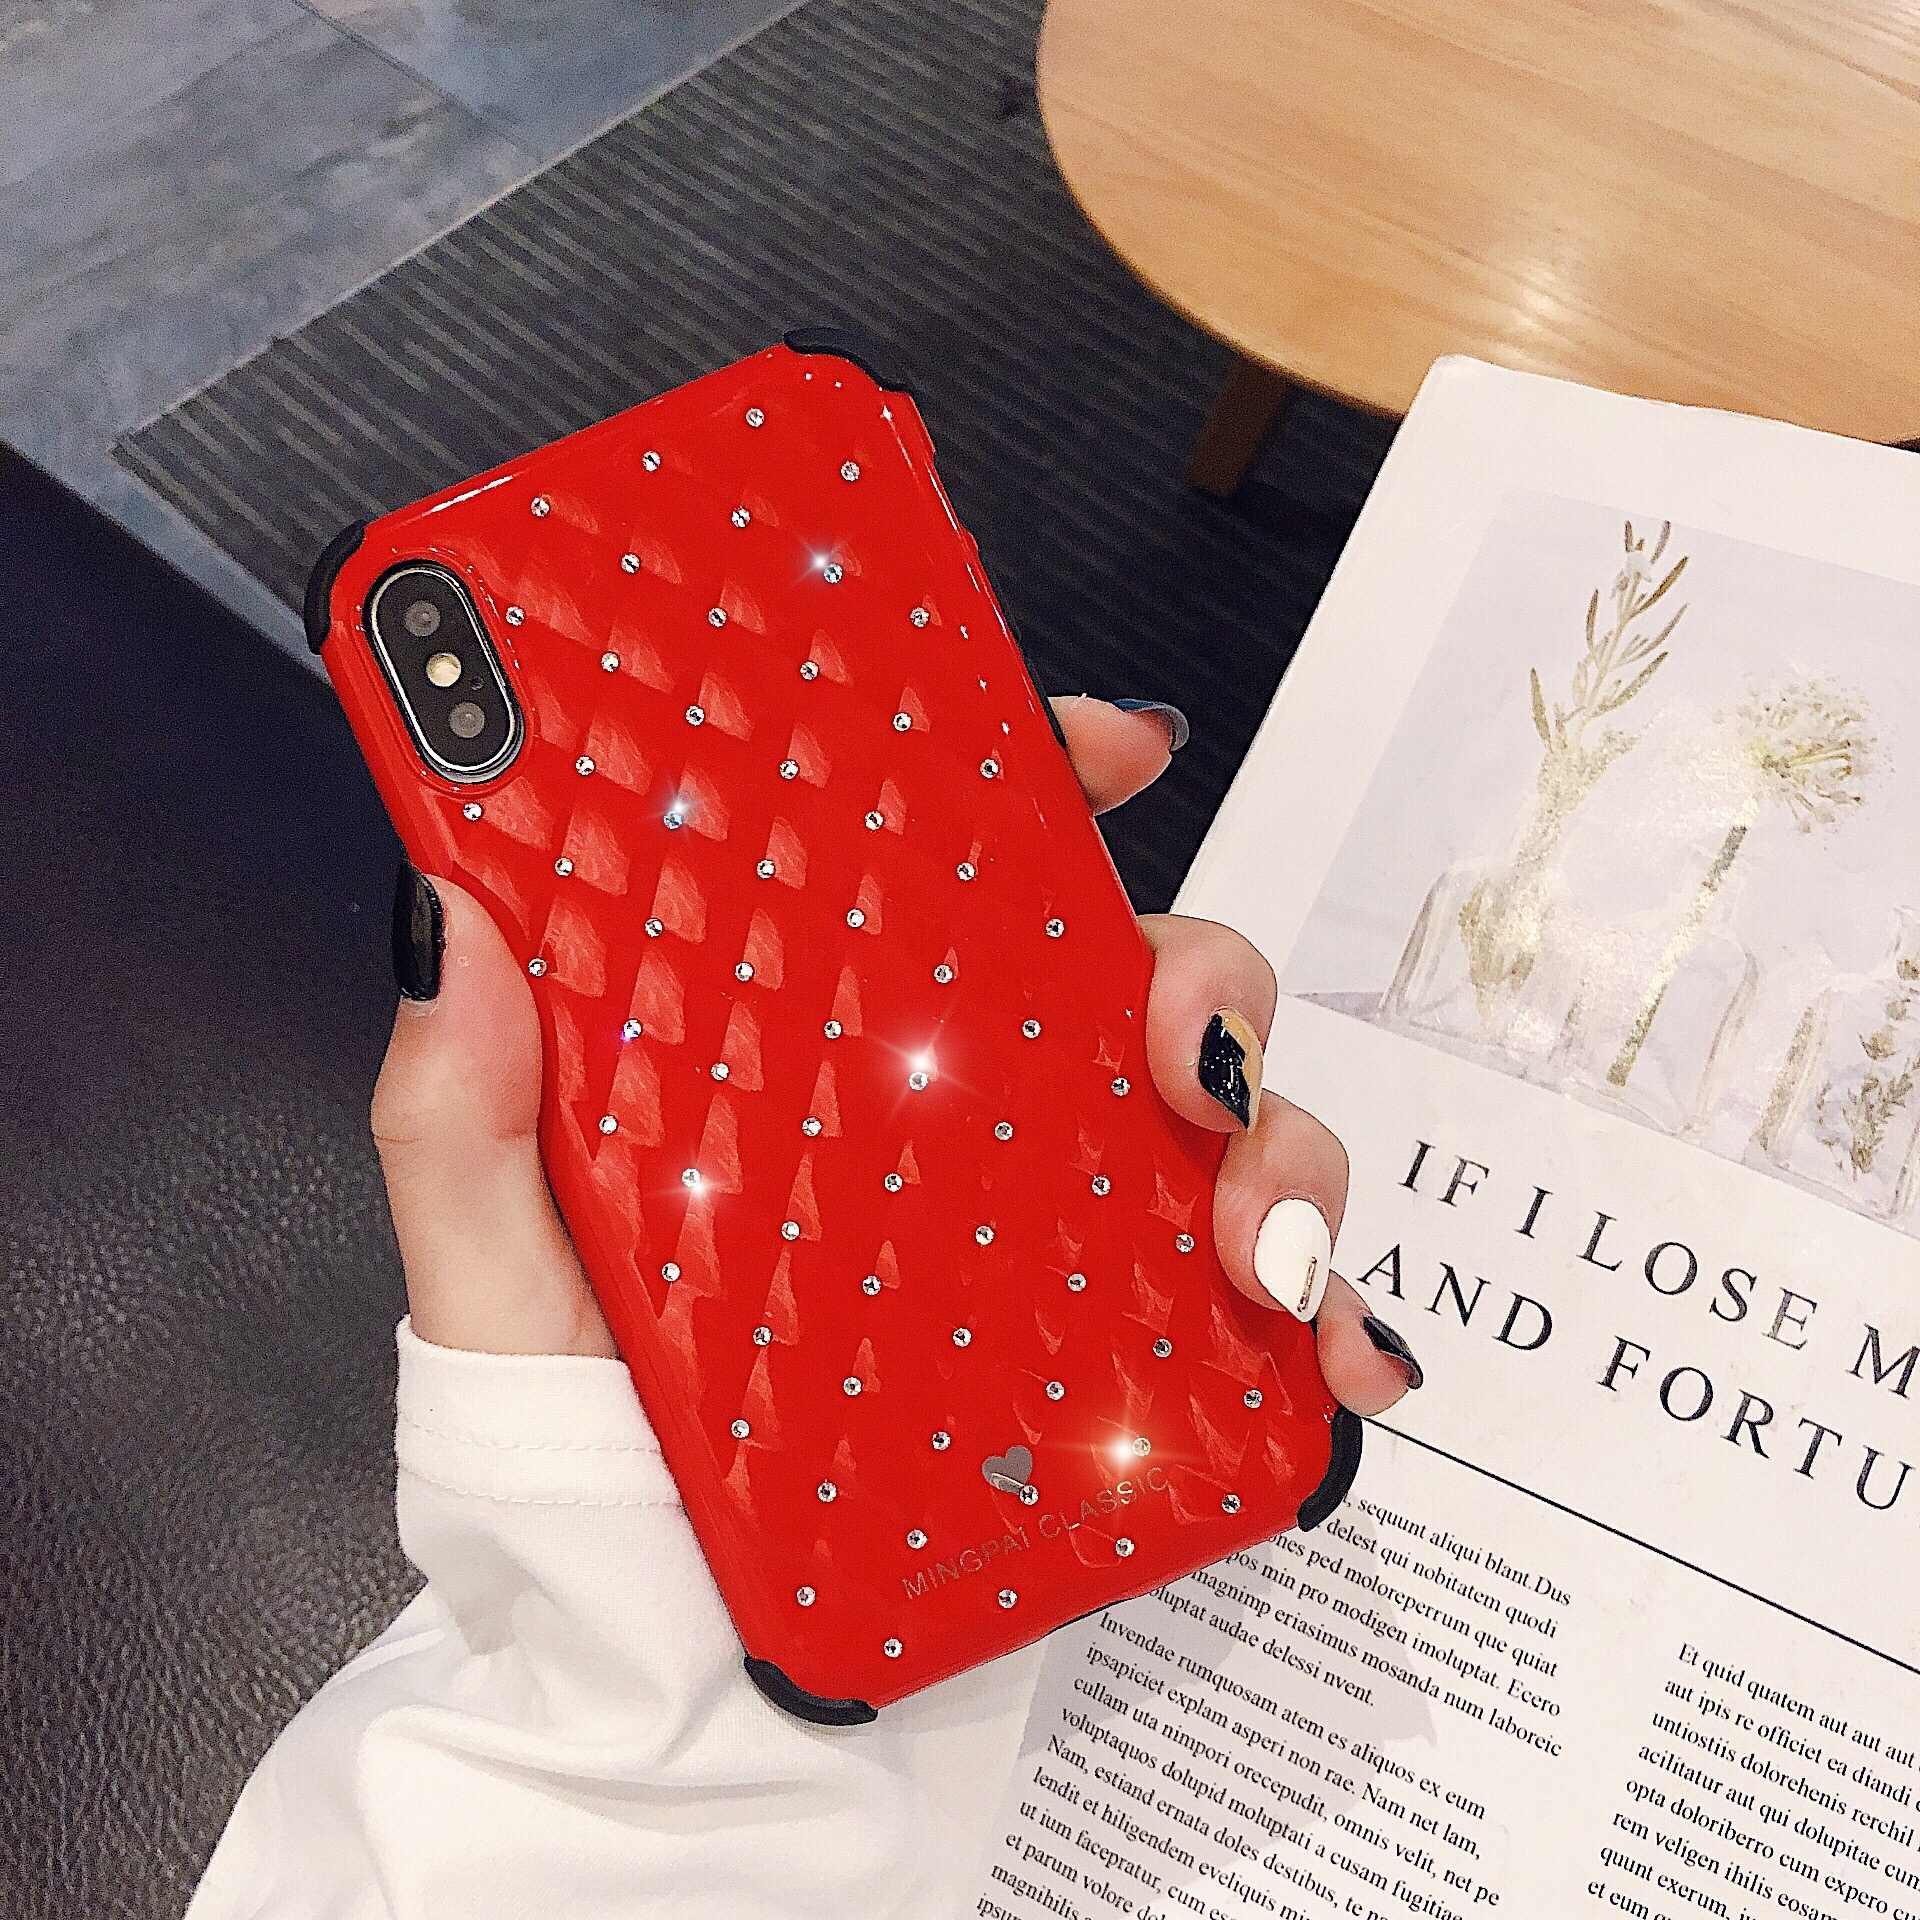 Thời trang Với jewelled Ốp lưng điện thoại Ốp Lưng Điện Thoại Cho Iphone X XS XR XS Max 8 7 6 6S 6S Plus trong suốt bảo vệ Lưng TPU Ốp Khung